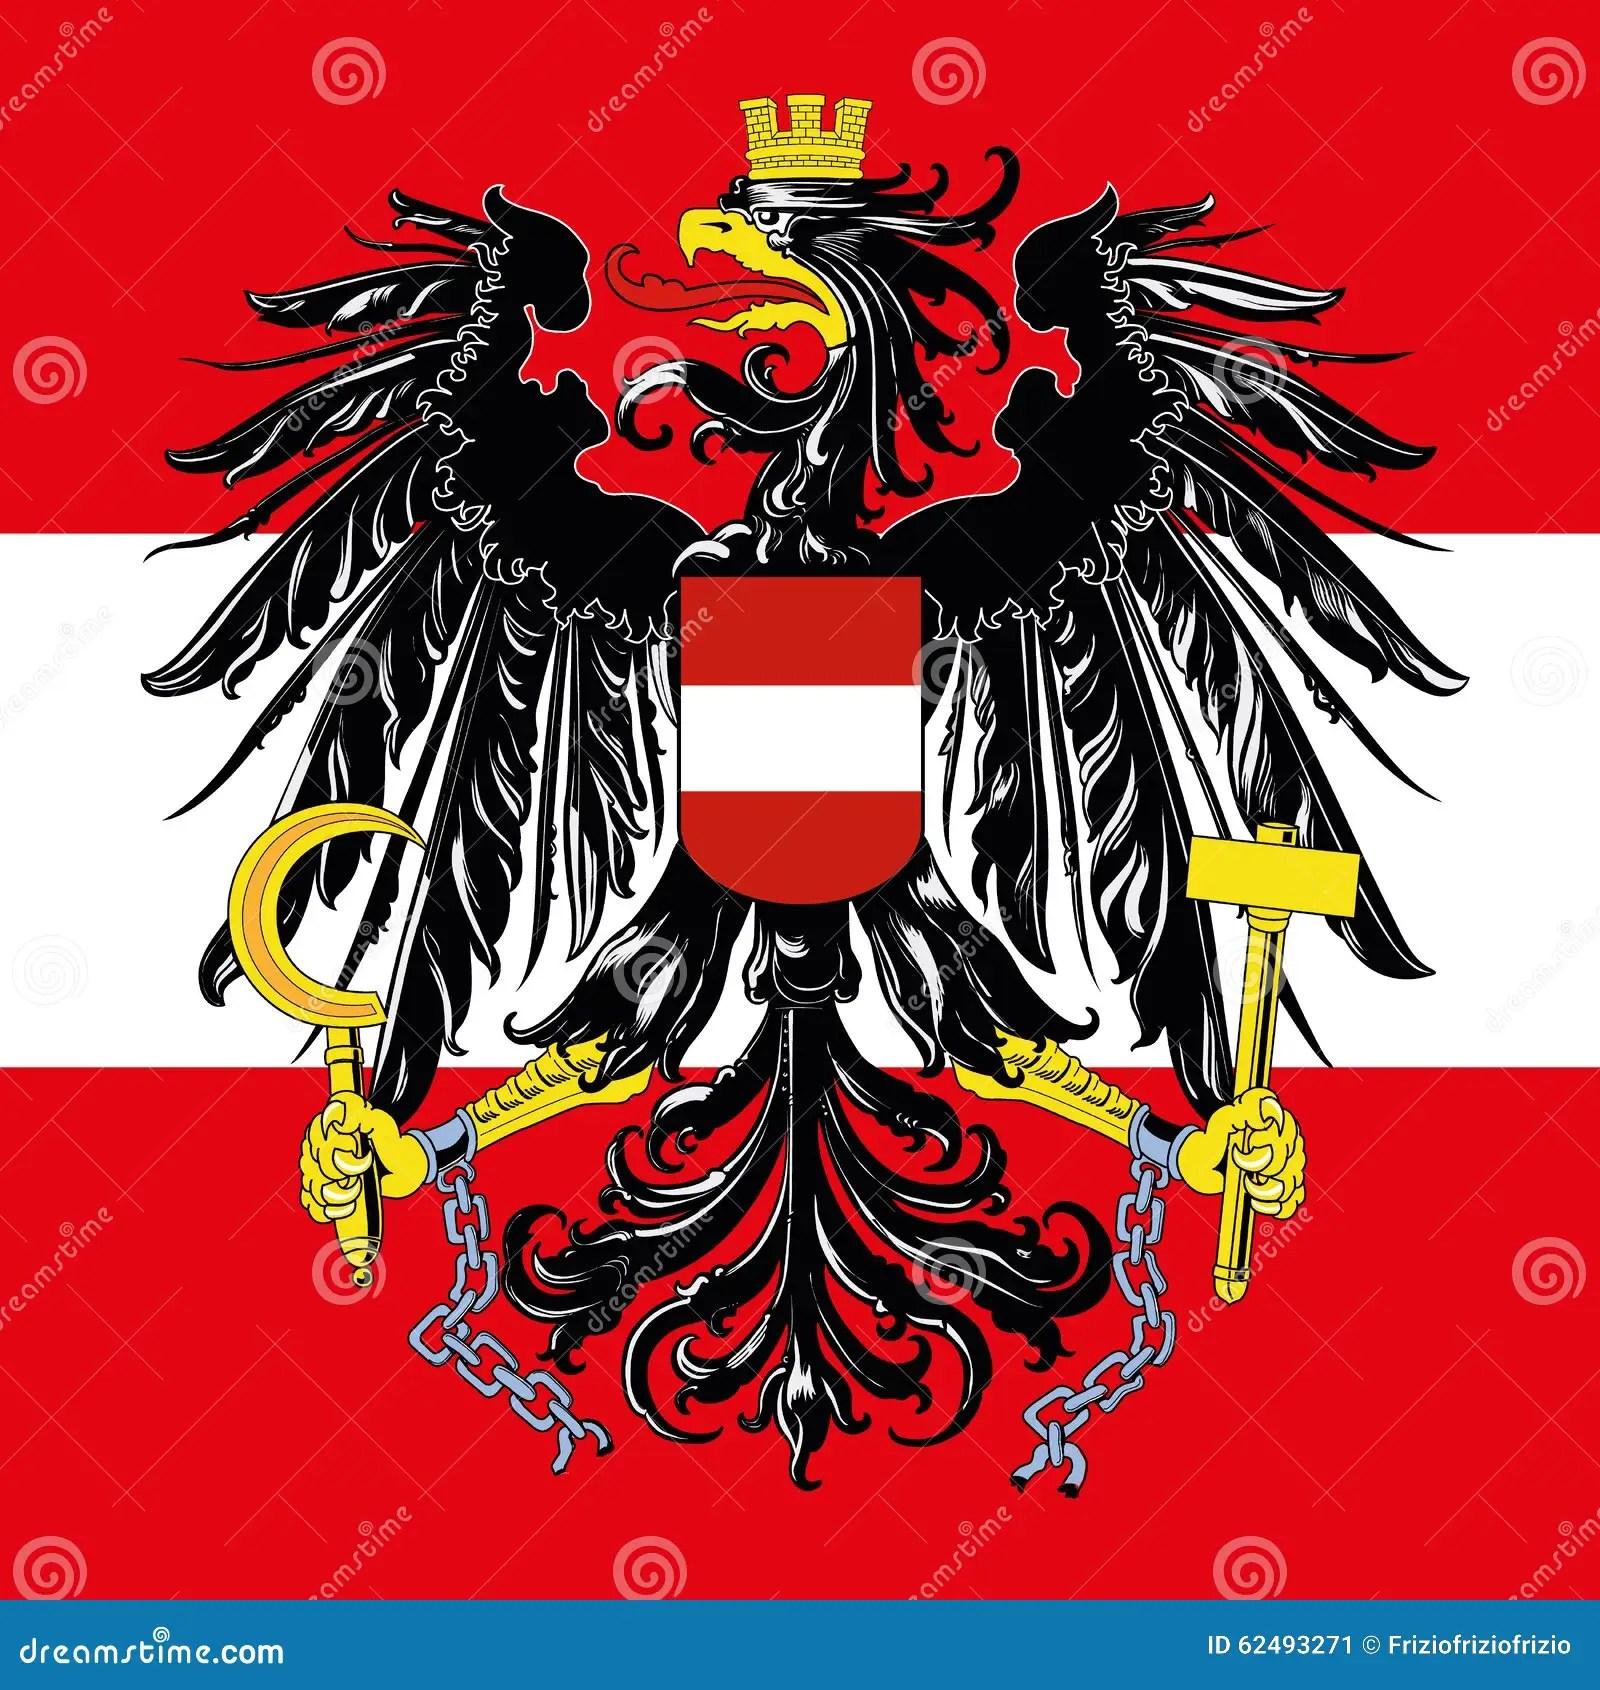 Wallpaper Abstrak 3d 214 Sterreich Wappen Und Flagge Vektor Abbildung Bild 62493271